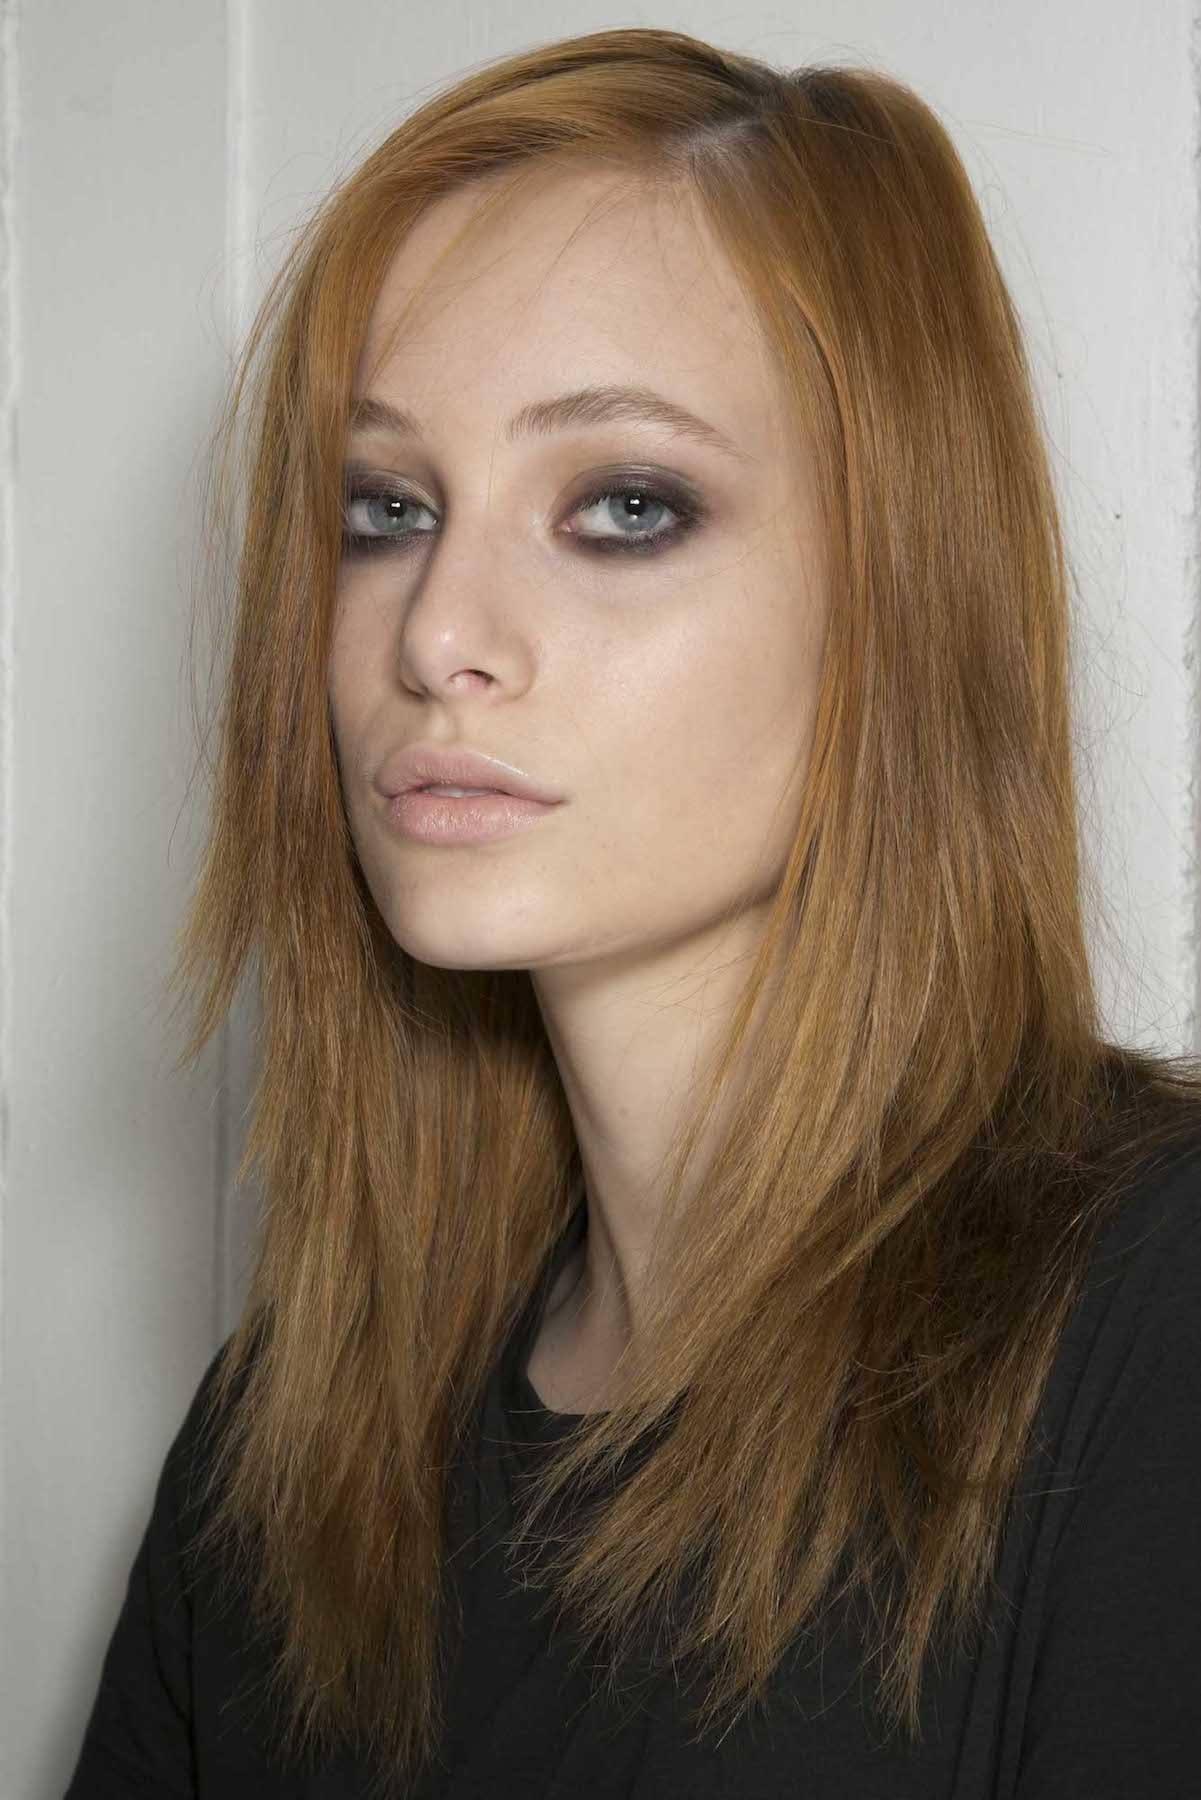 Potongan rambut untuk rambut tebal gaya side part layer